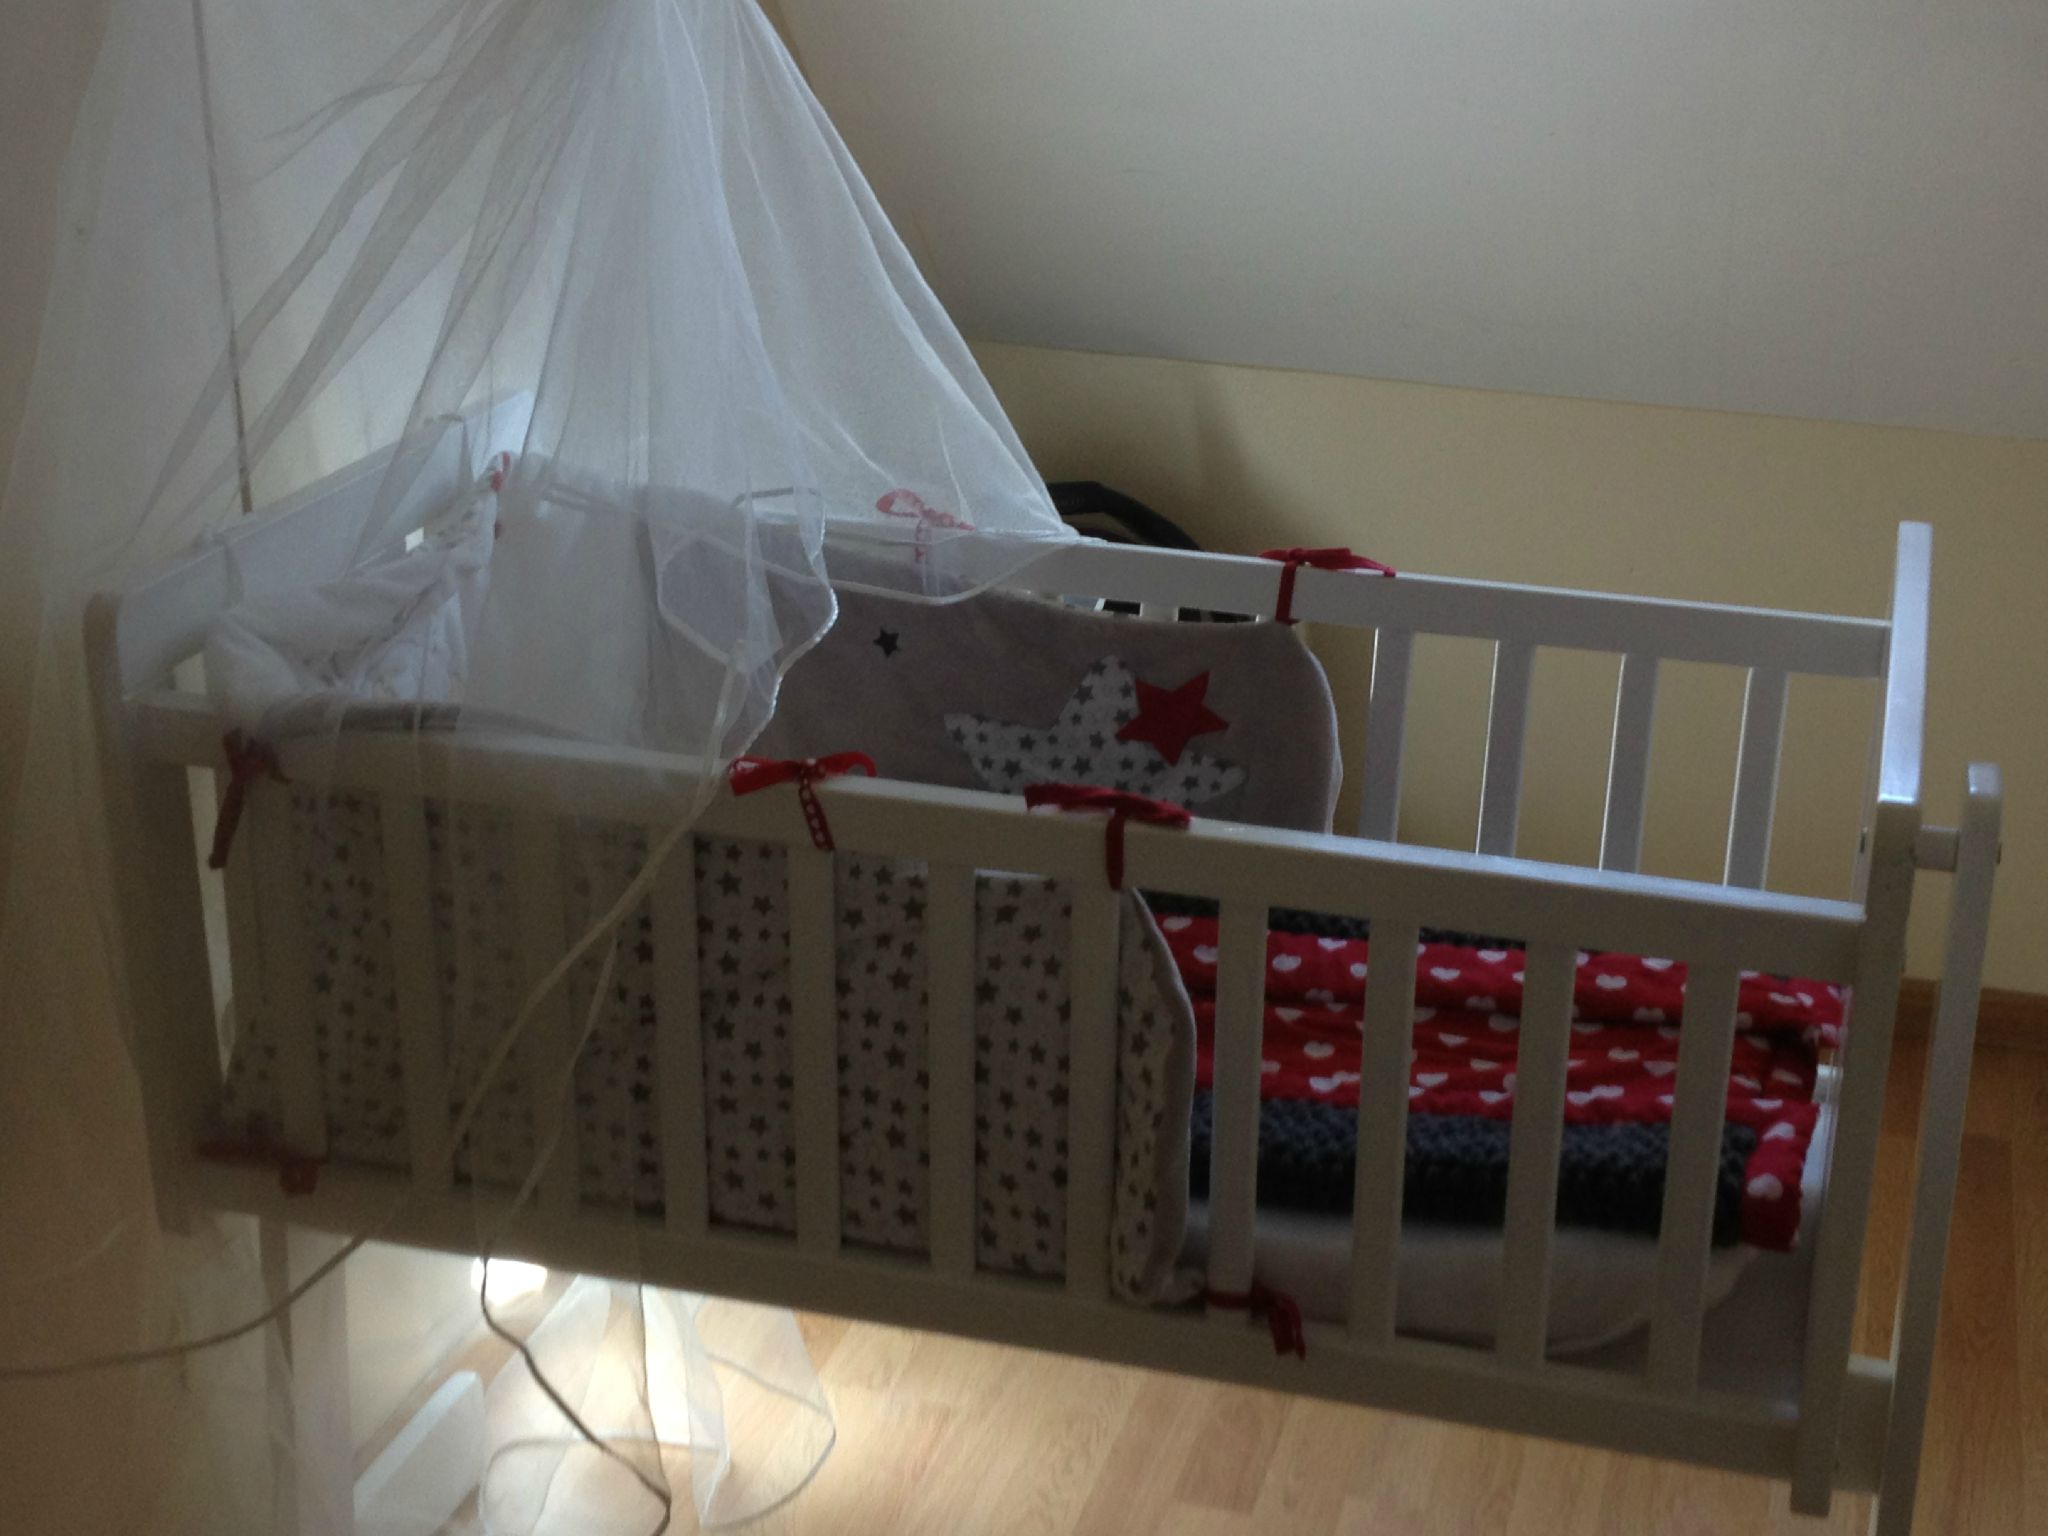 ciel de lit fait maison amazing construire lit baldaquin best excellent chambre fille lit. Black Bedroom Furniture Sets. Home Design Ideas